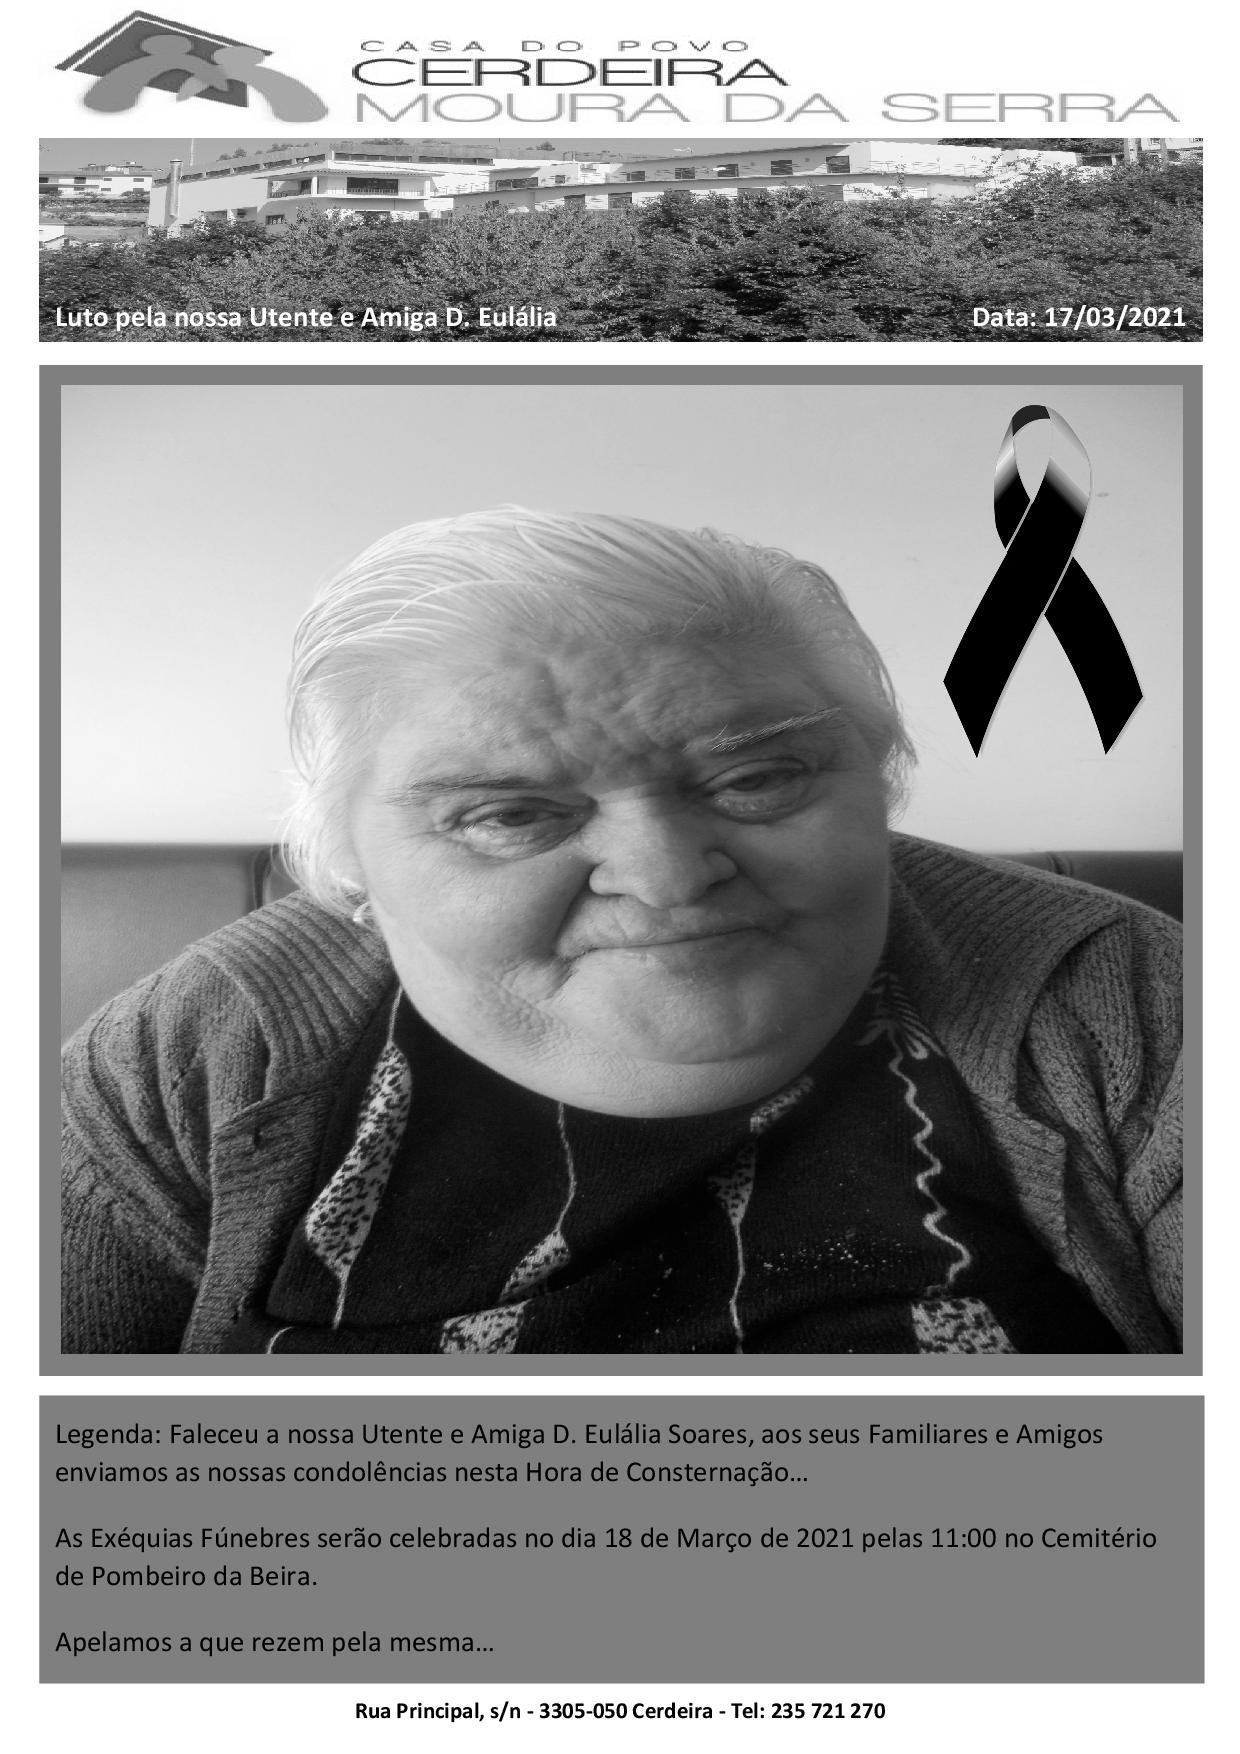 Faleceu a nossa Utente e Amiga D. Eulália Soares